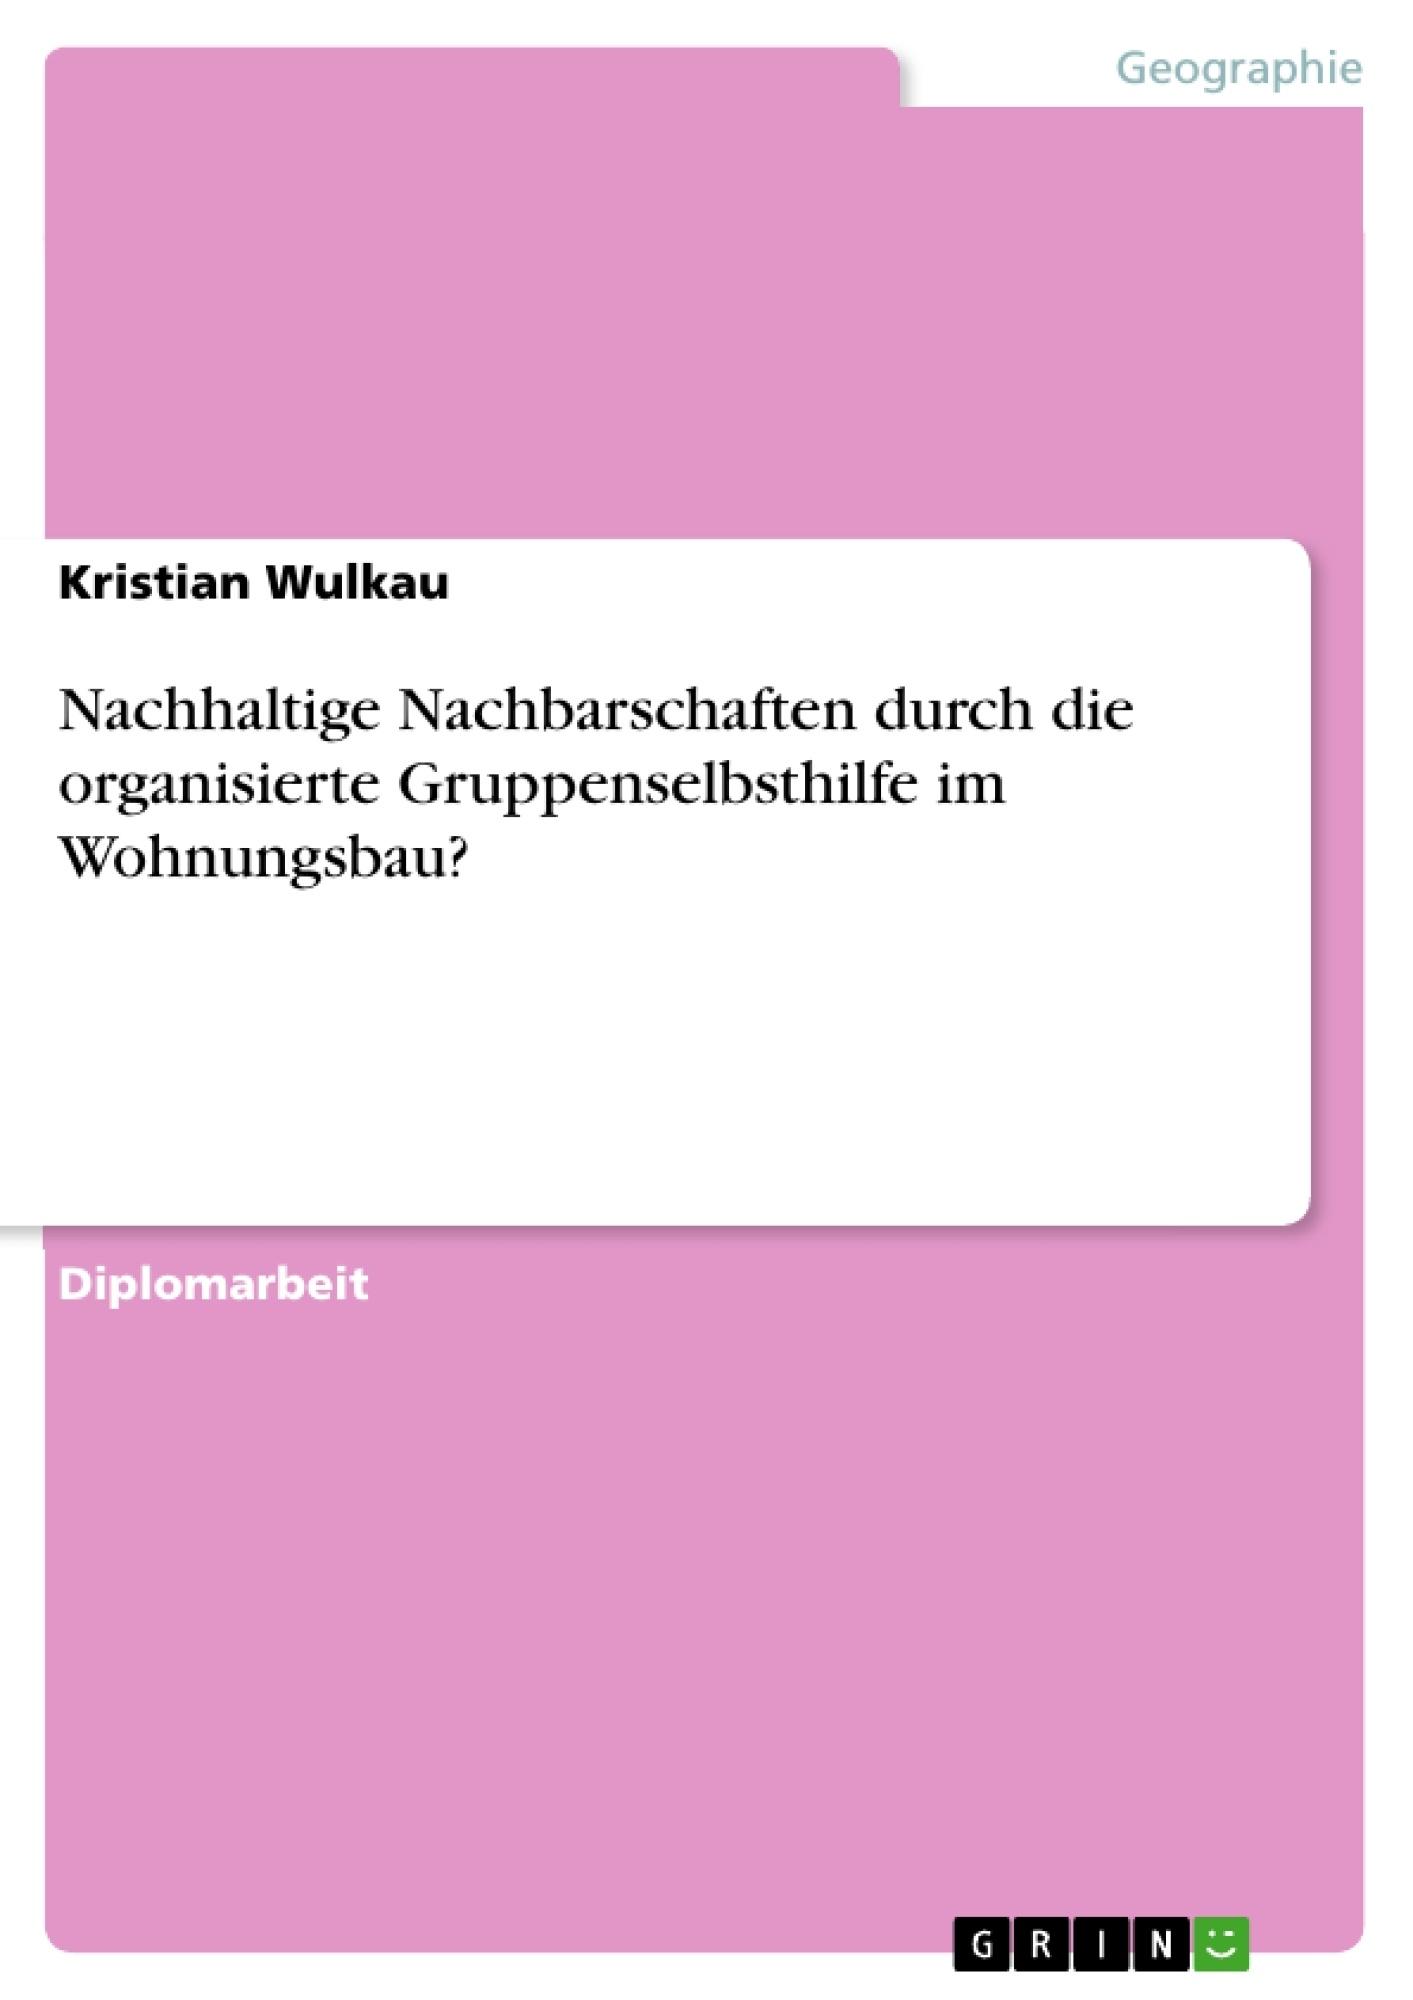 Titel: Nachhaltige Nachbarschaften durch die organisierte Gruppenselbsthilfe im Wohnungsbau?